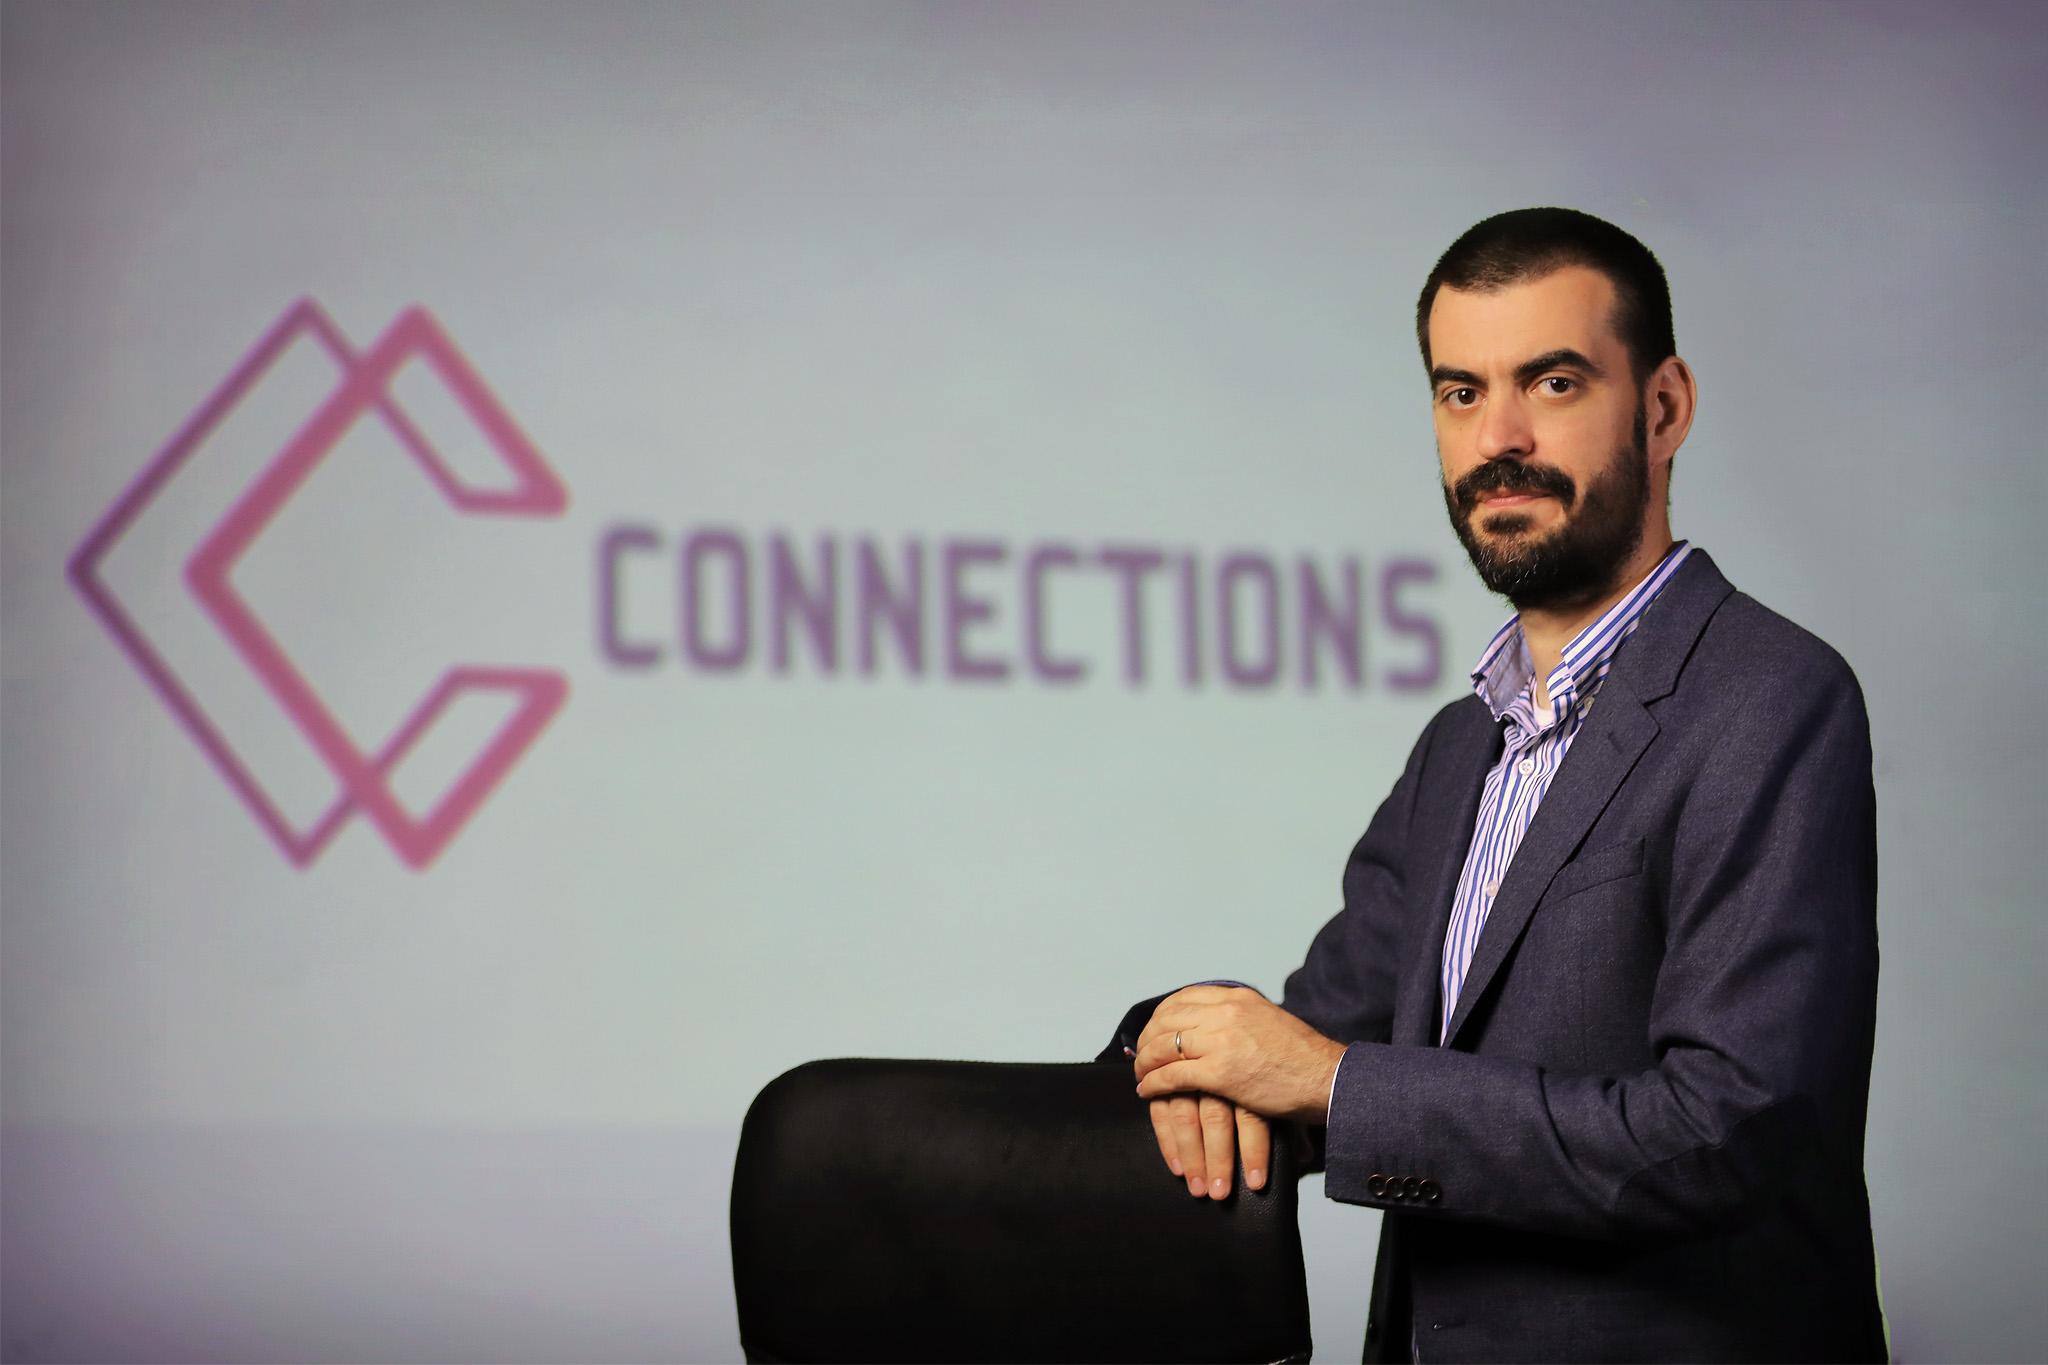 Connections termină anul cu o cifră de afaceri de 7 milioane de dolari